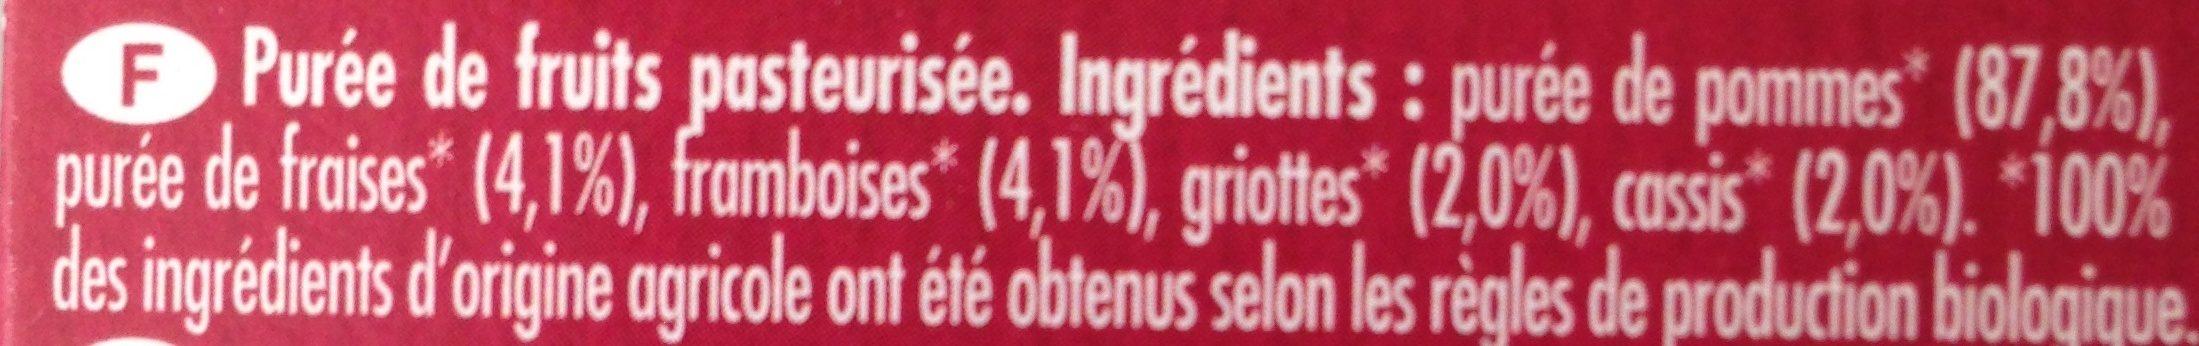 Danival Poki Bio - Purée Pomme & Fruits Rouges 100% Fruit Bio Sans Sucres Ajoutés - Ingrediënten